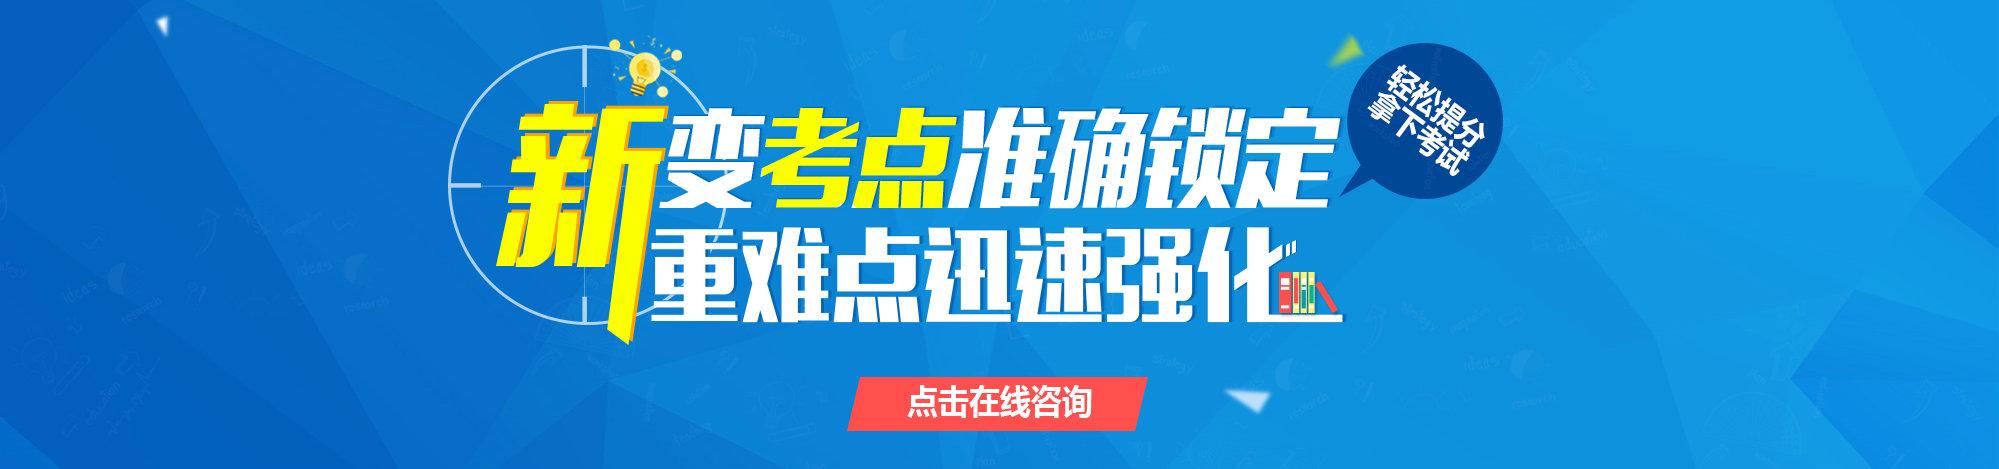 安徽蚌埠优路教育培训学校